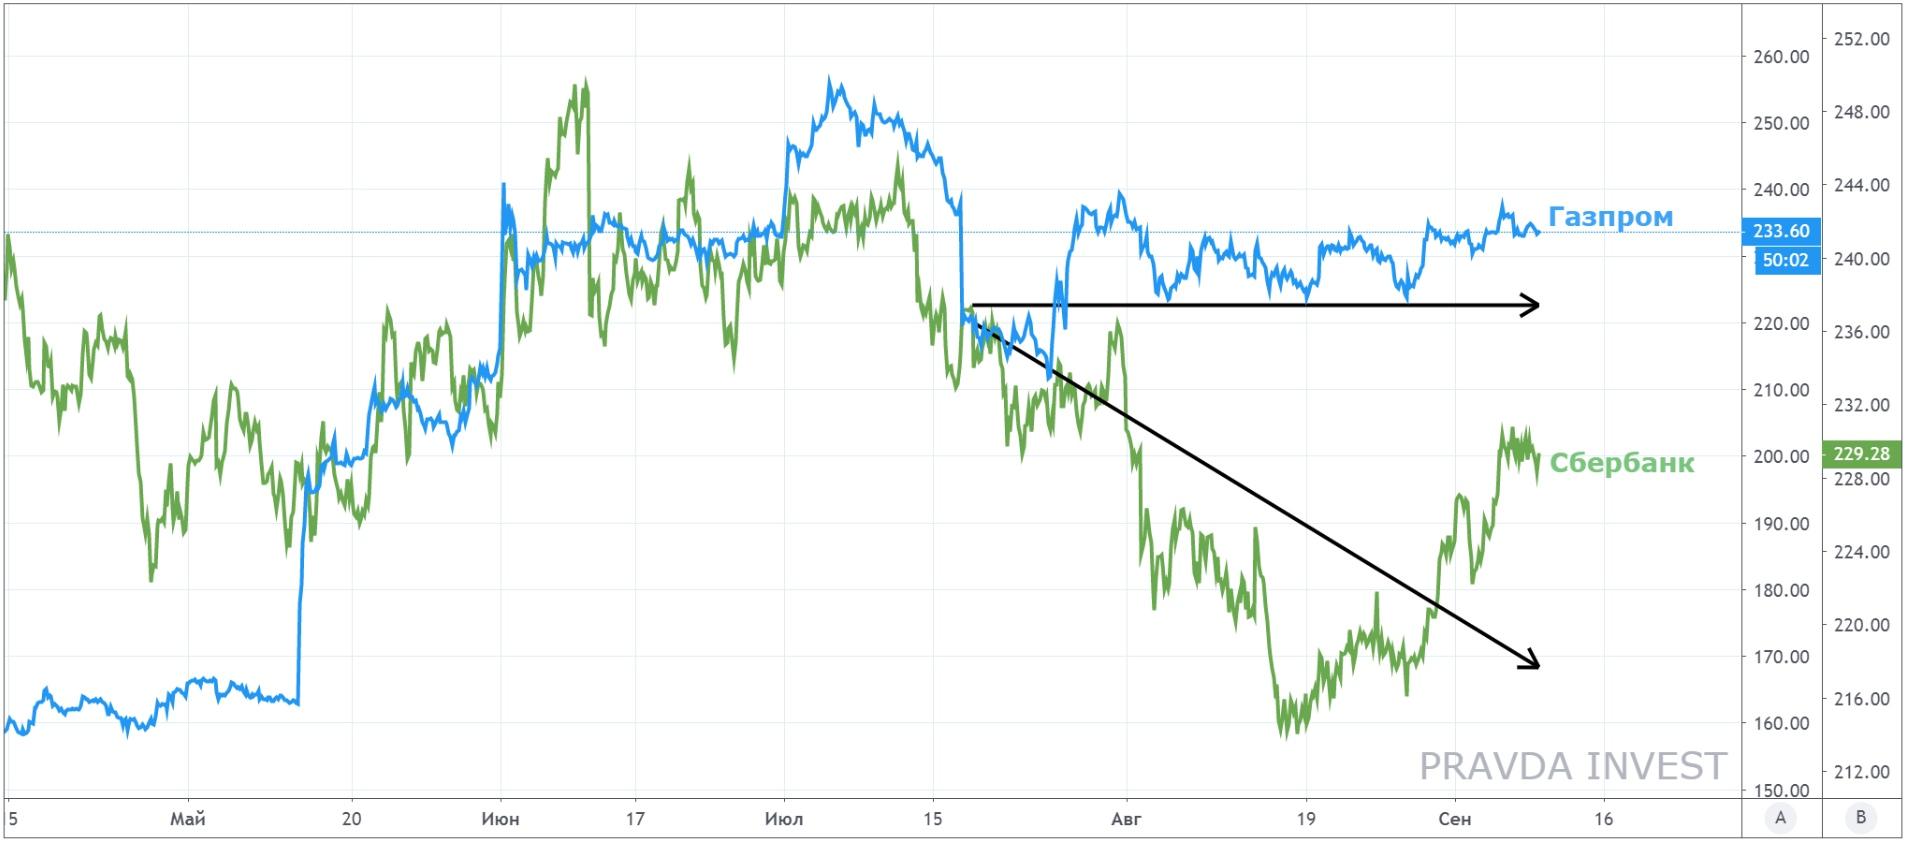 Газпром смотрится лучше Сбербанка по динамике после ралли. Идея от Правда Инвест.